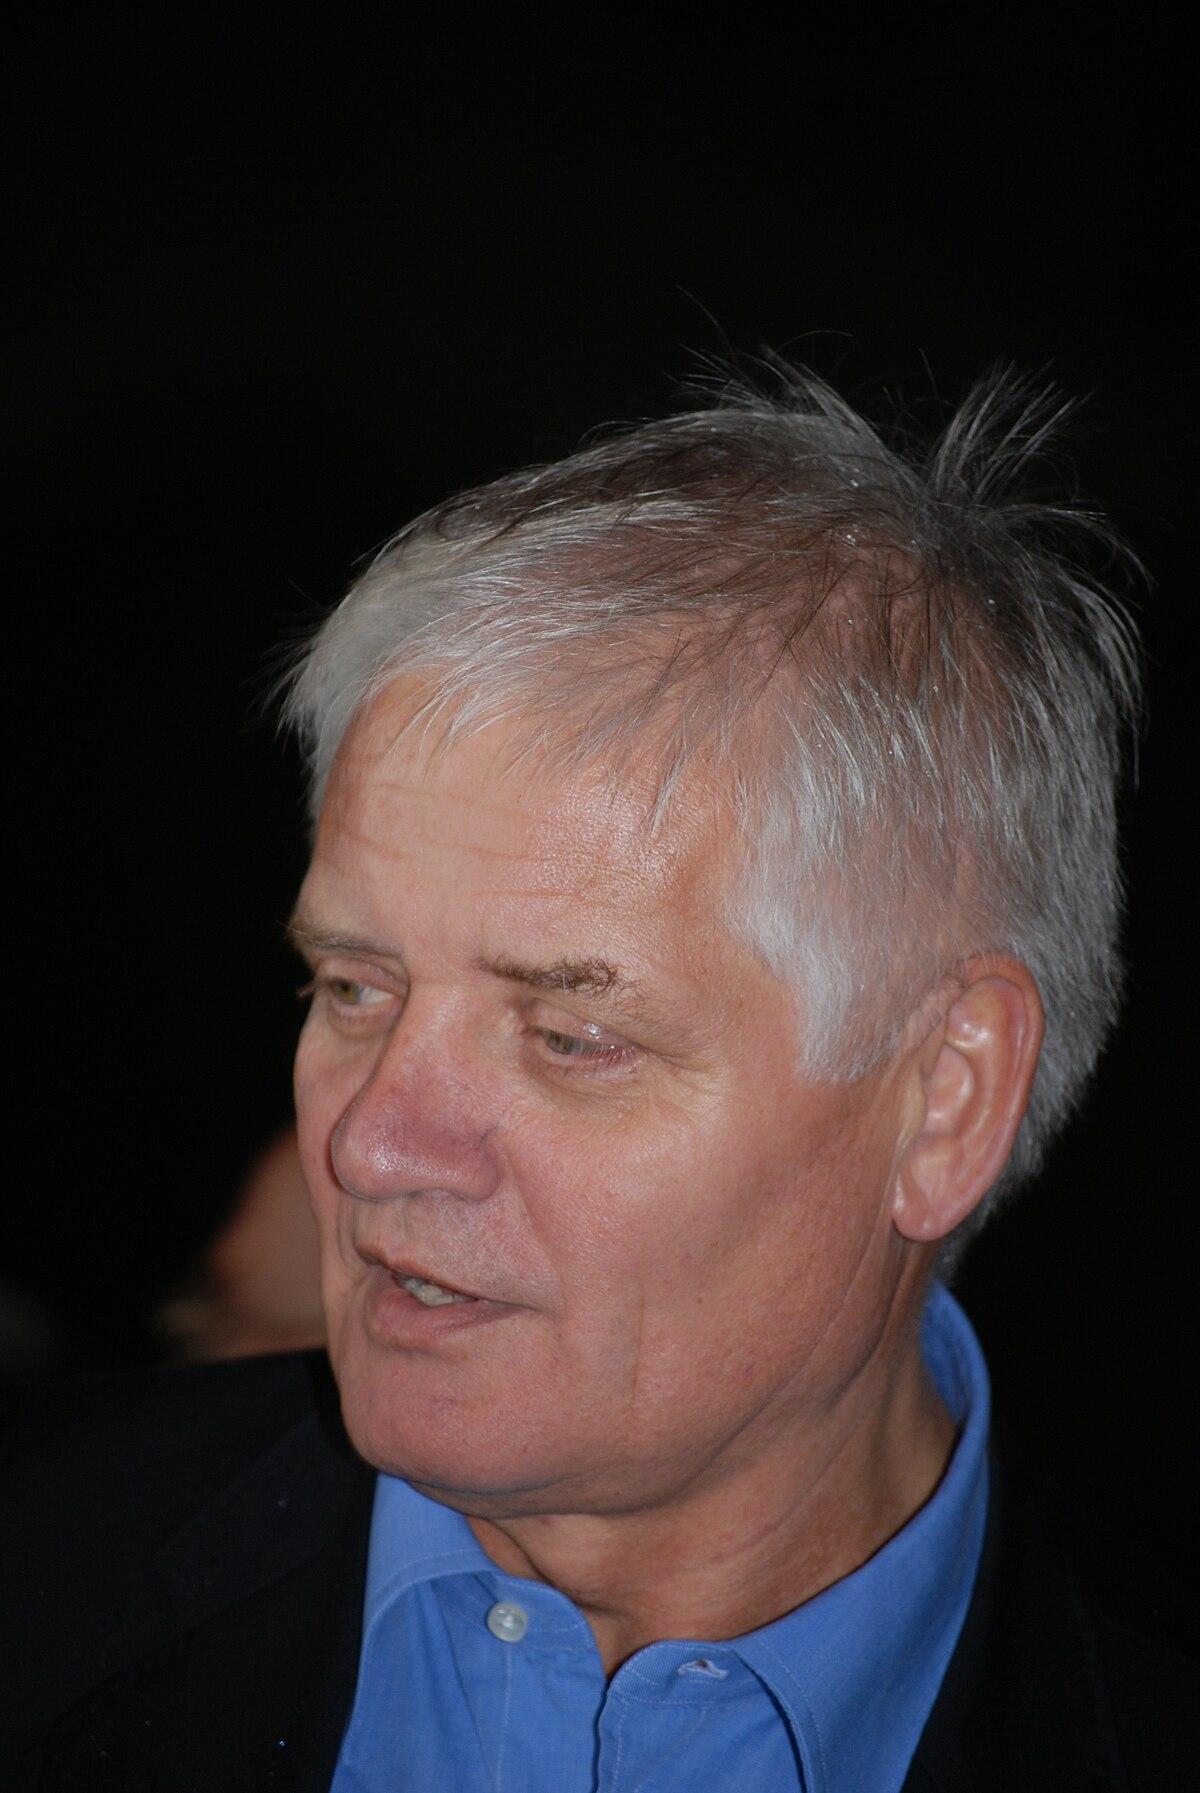 Kurt Brumme